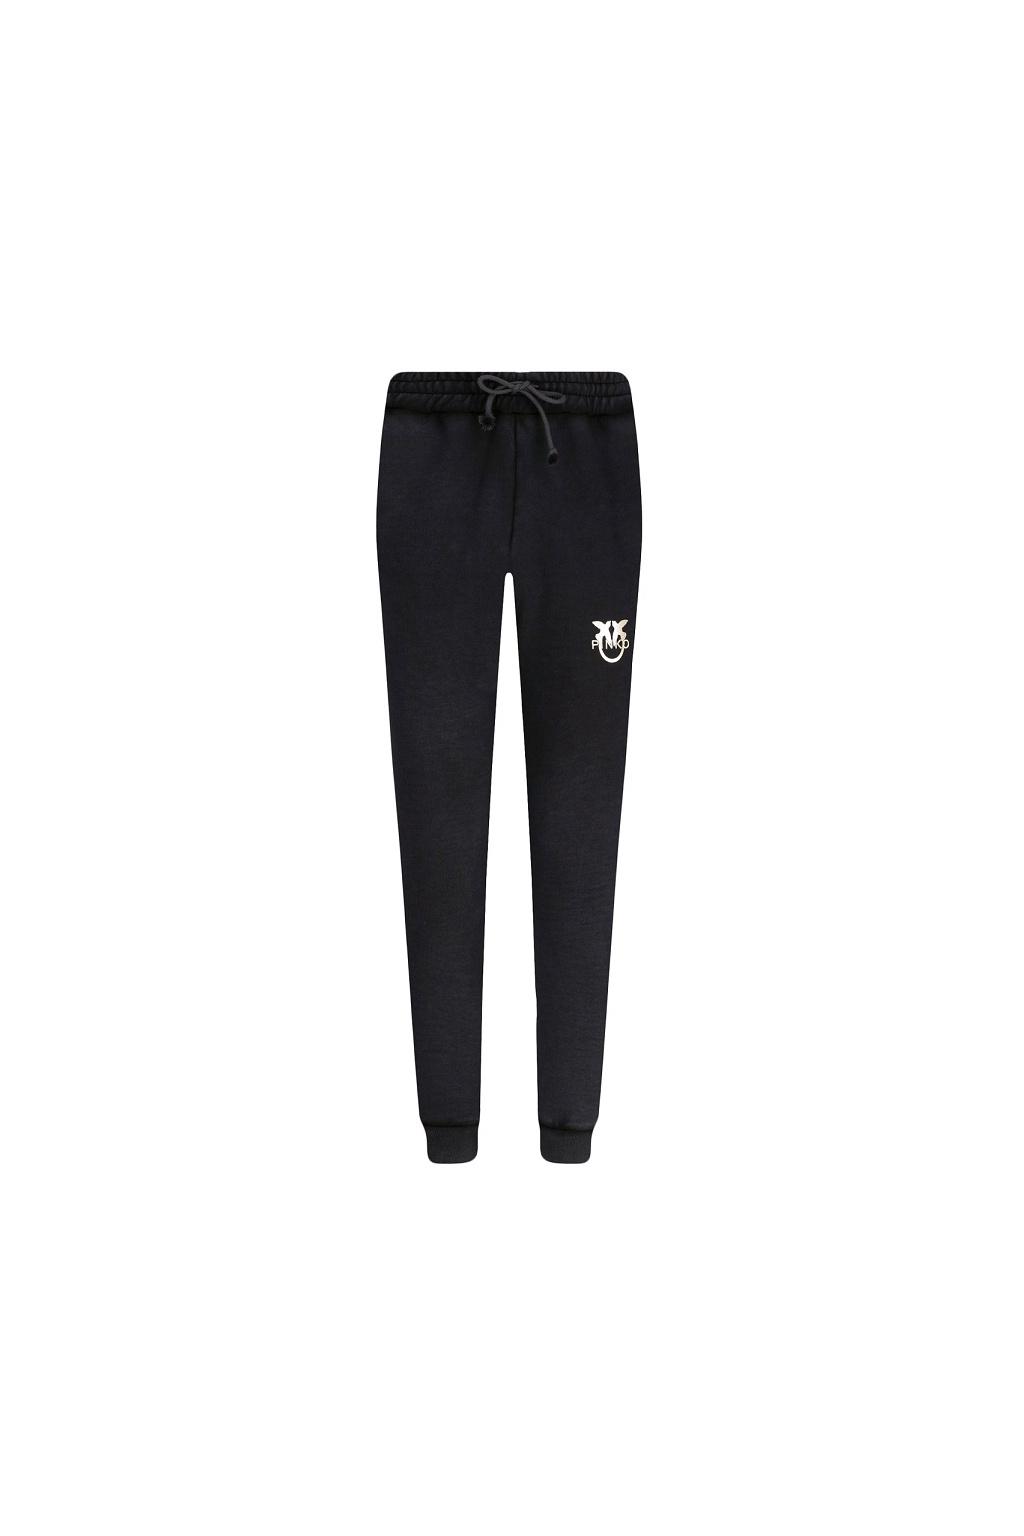 Dámské kalhoty Pinko Carico černo zlaté